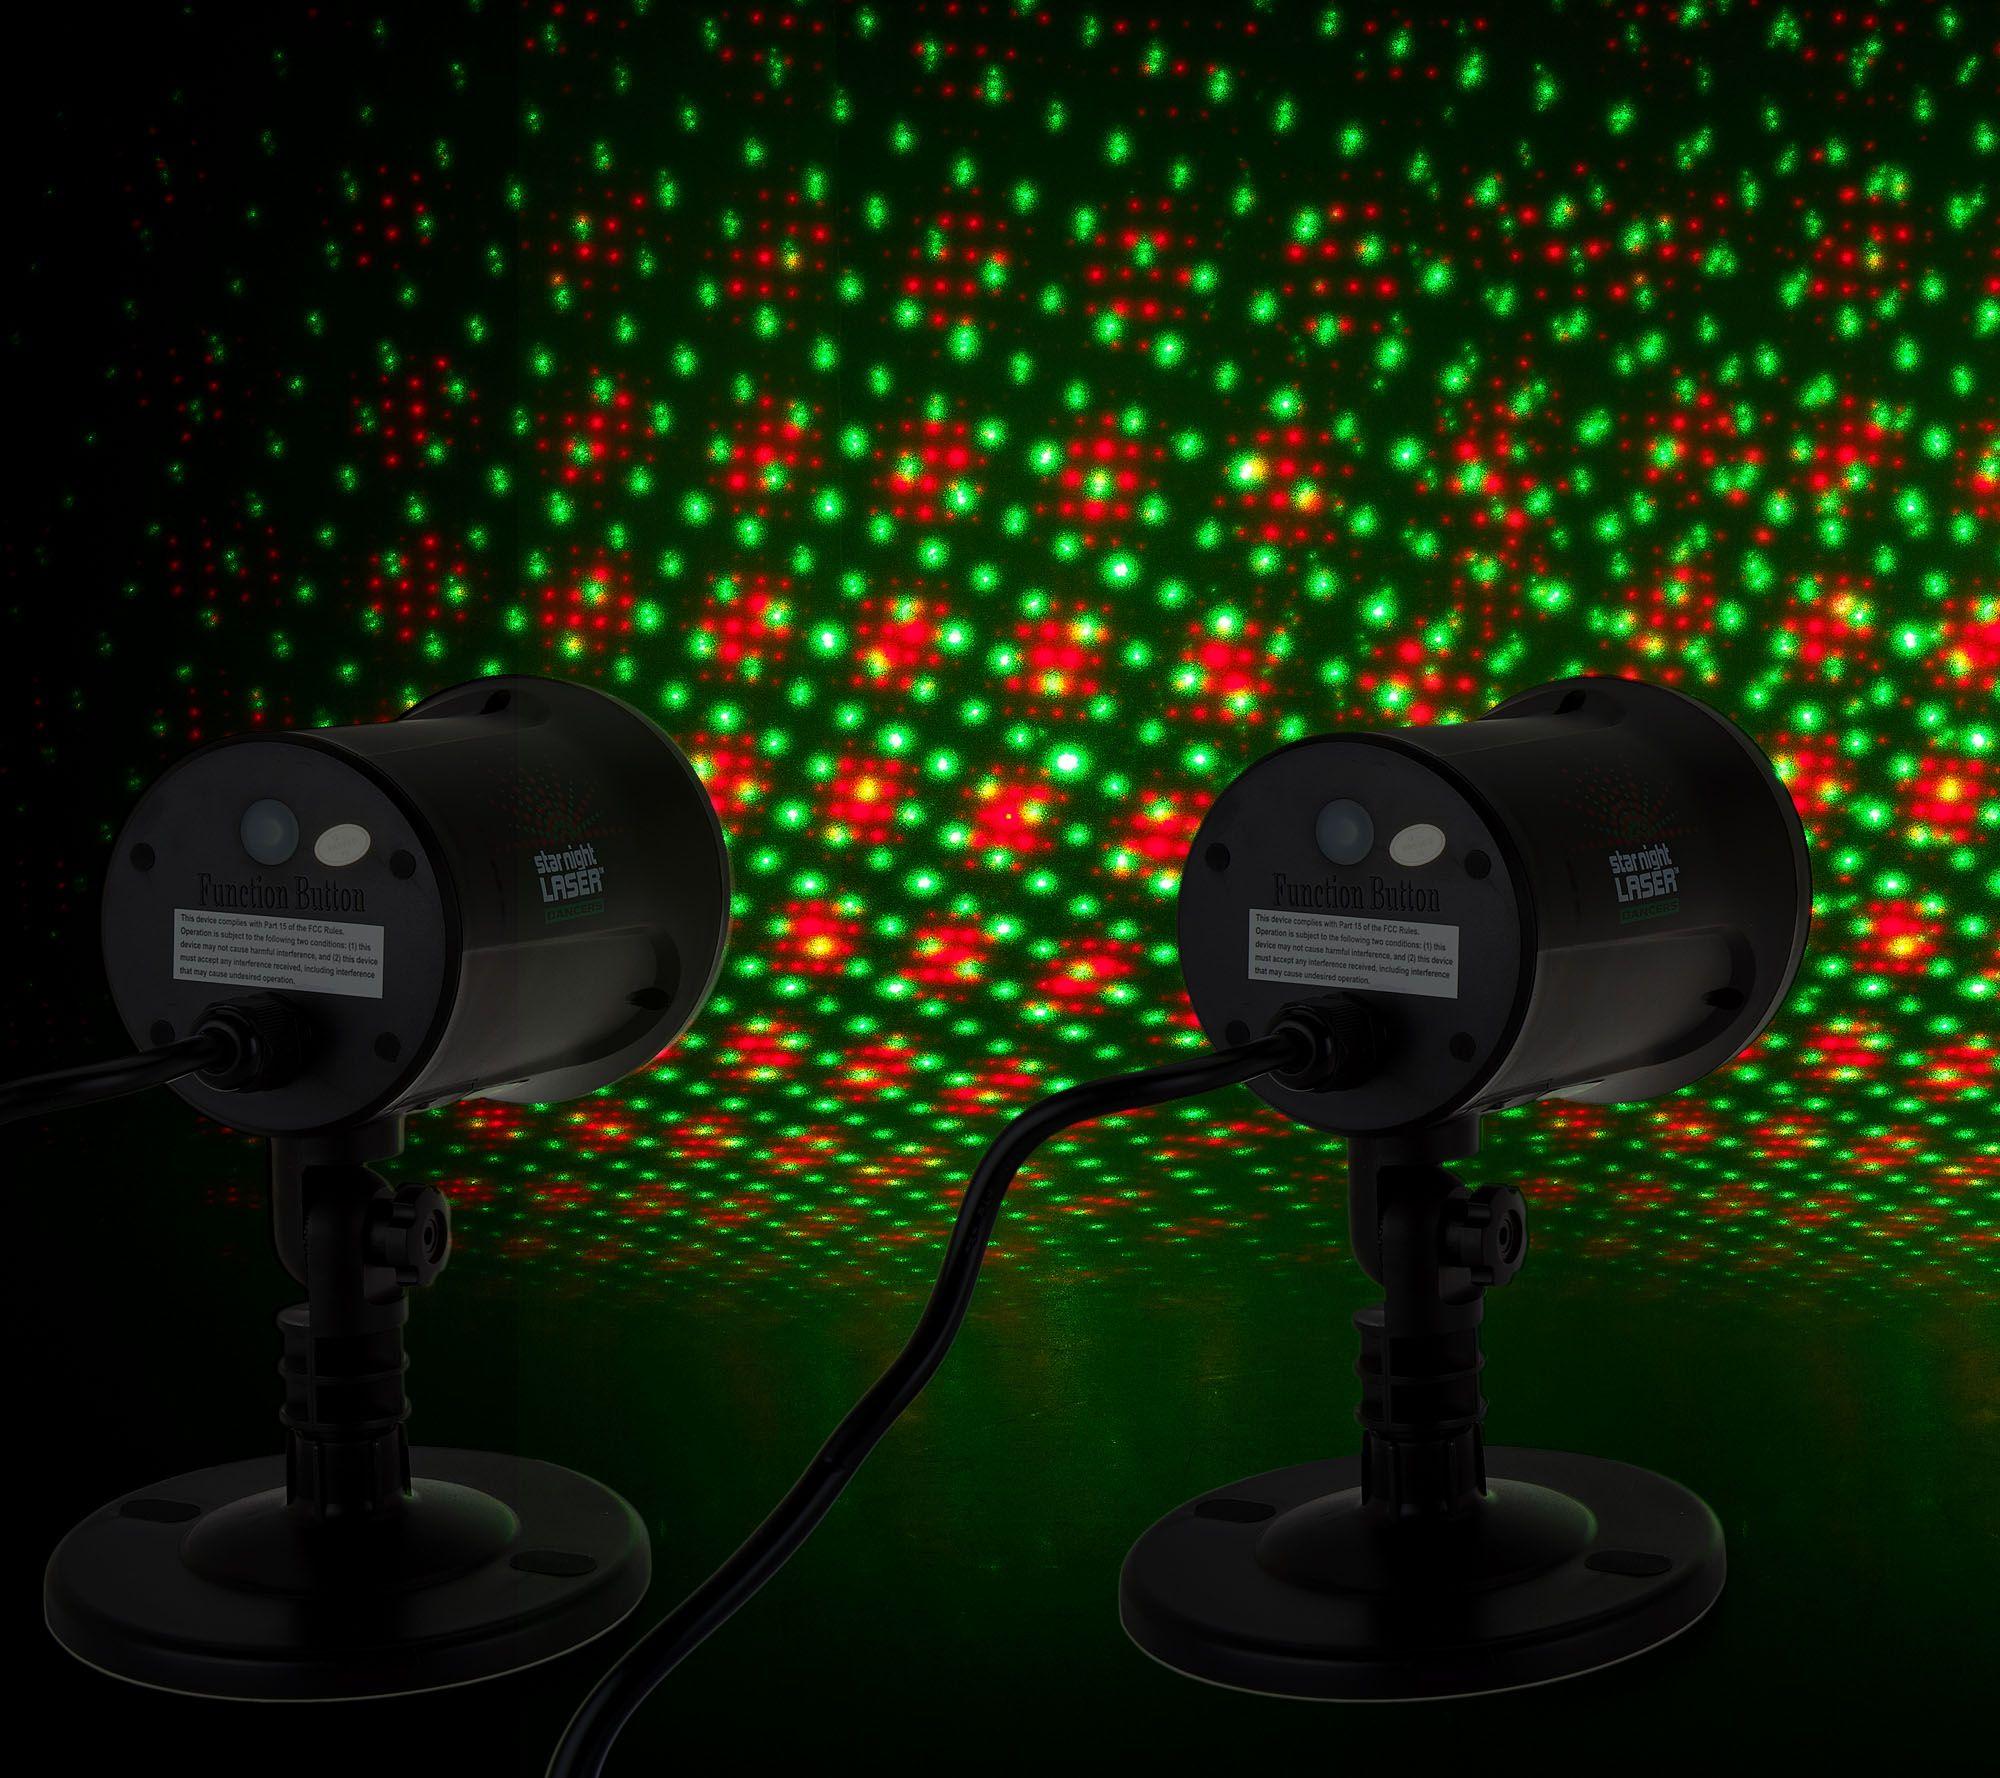 Garden Lights Qvc : Magic set of outdoor indoor dancing dual laser lights qvc